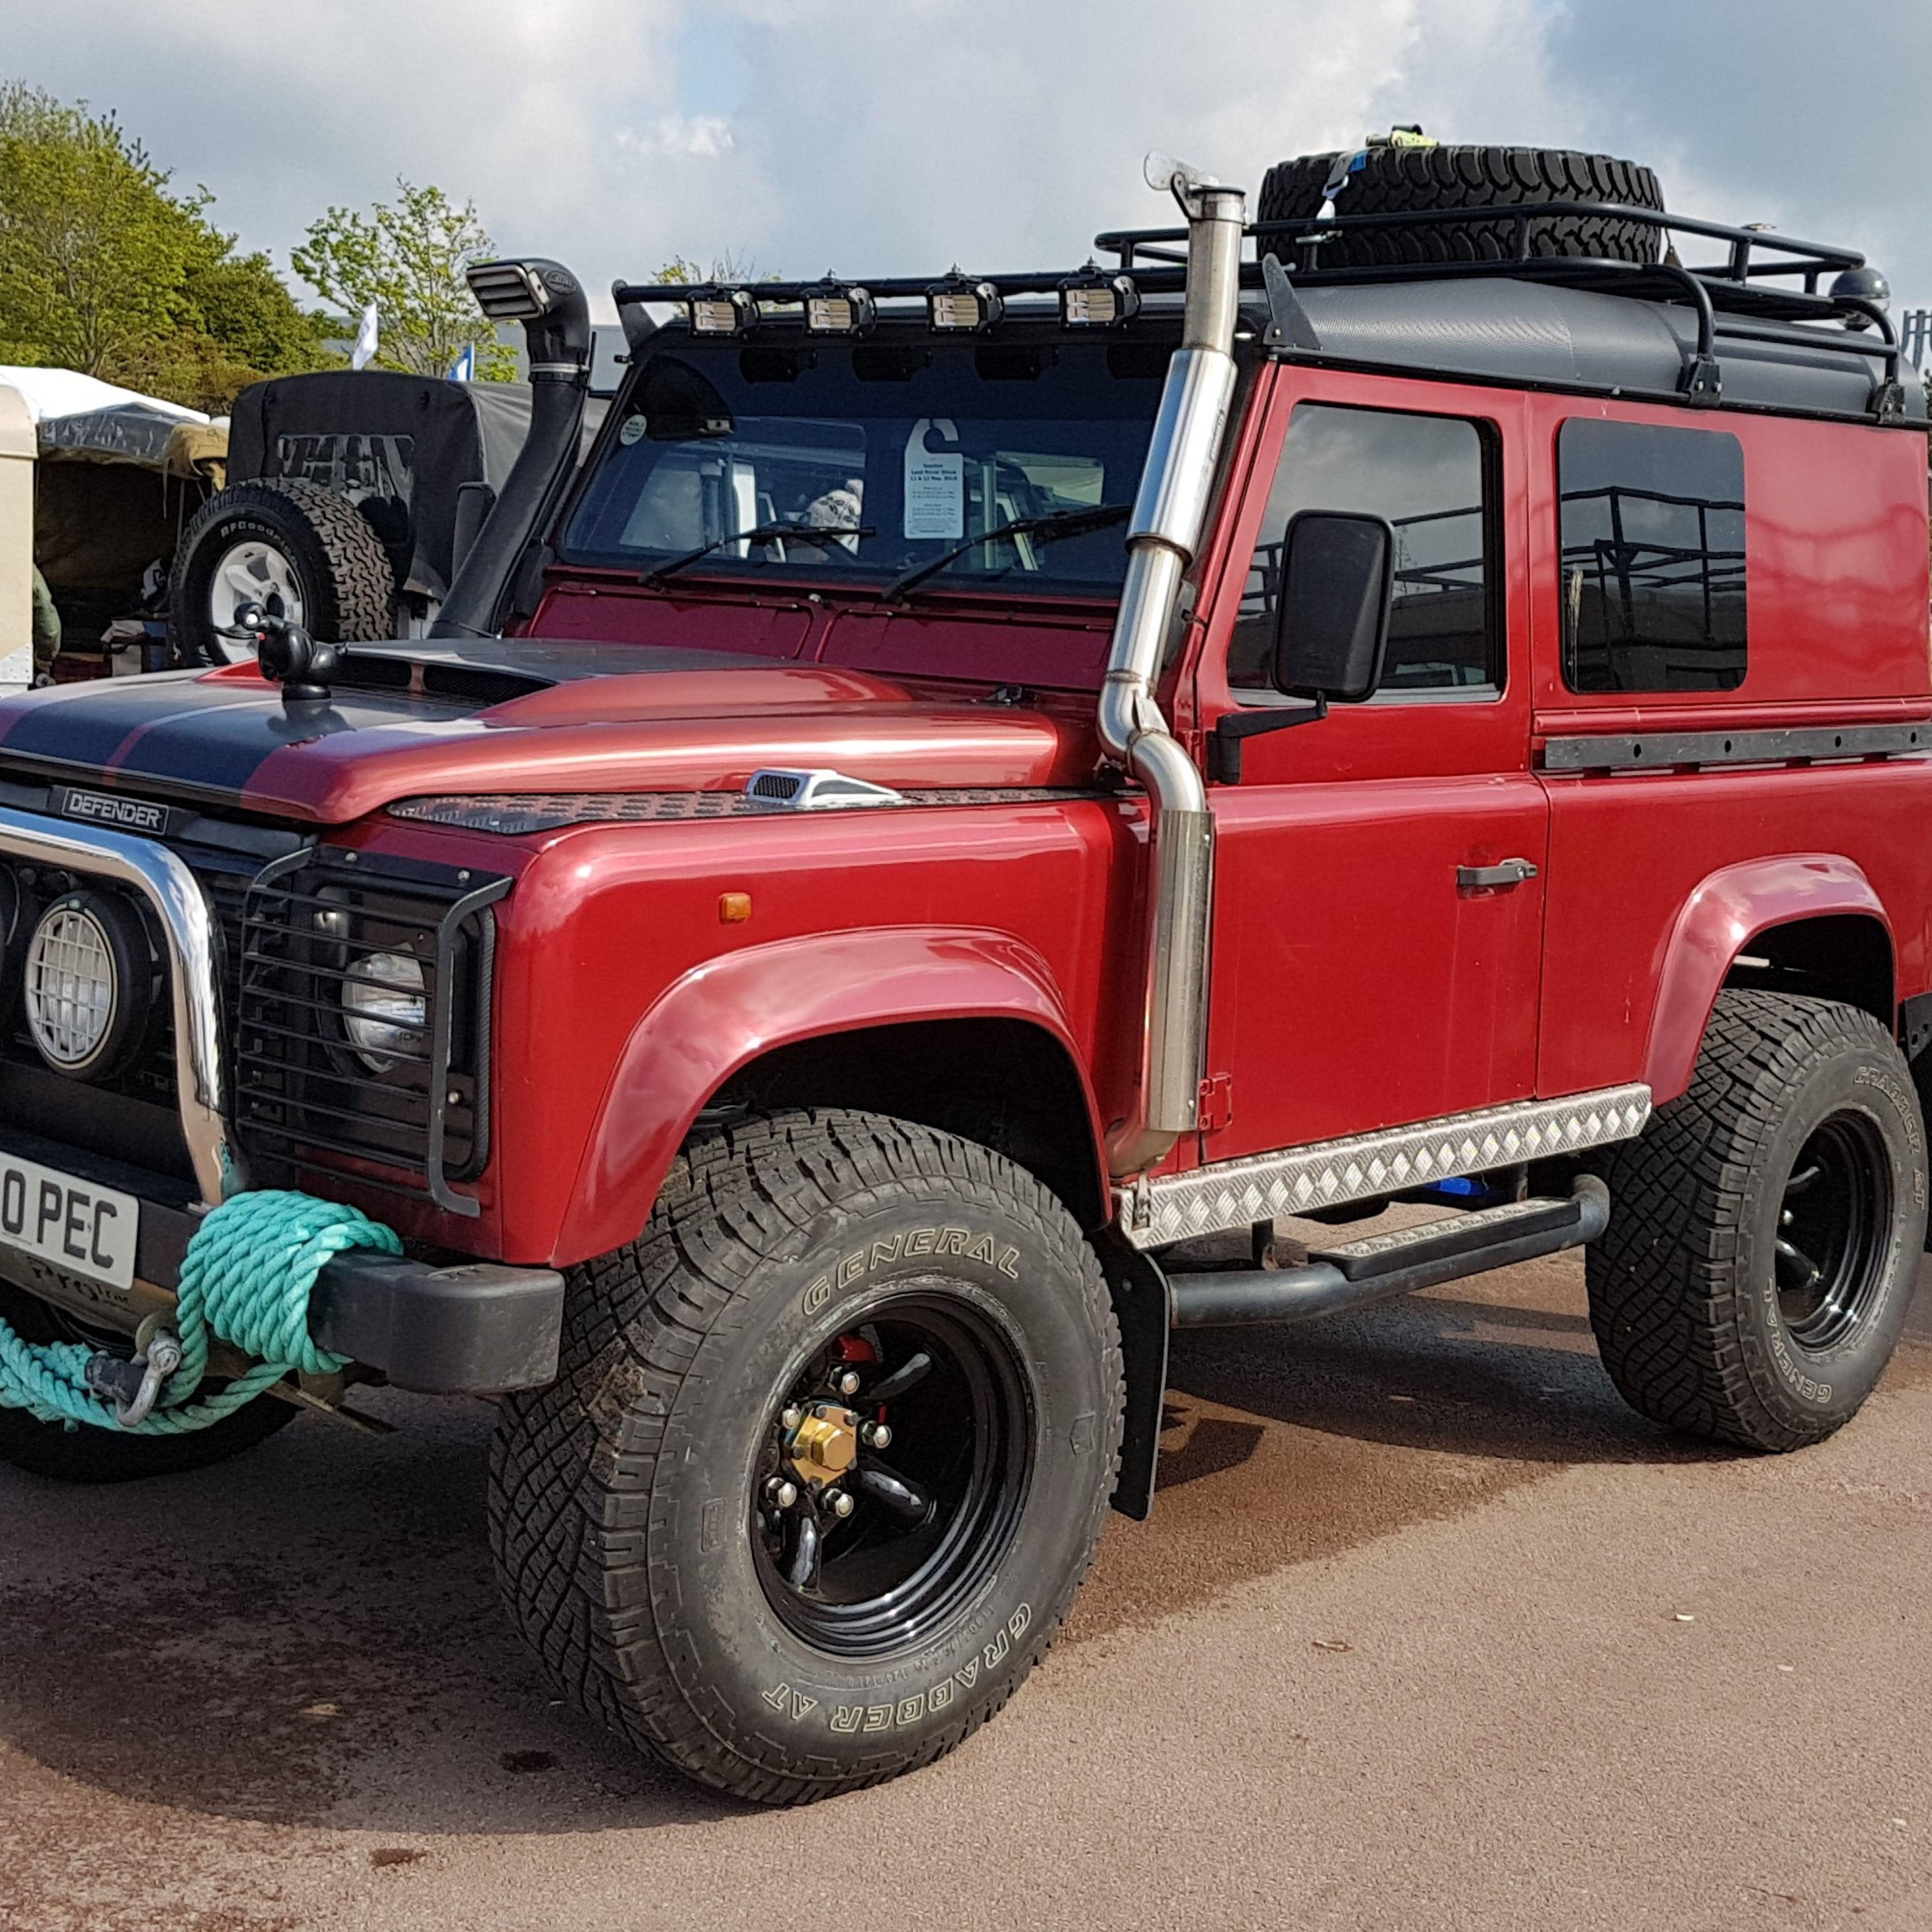 Land Rover Defender Restoration Service Land Rover Land Rover Defender Restoration Services